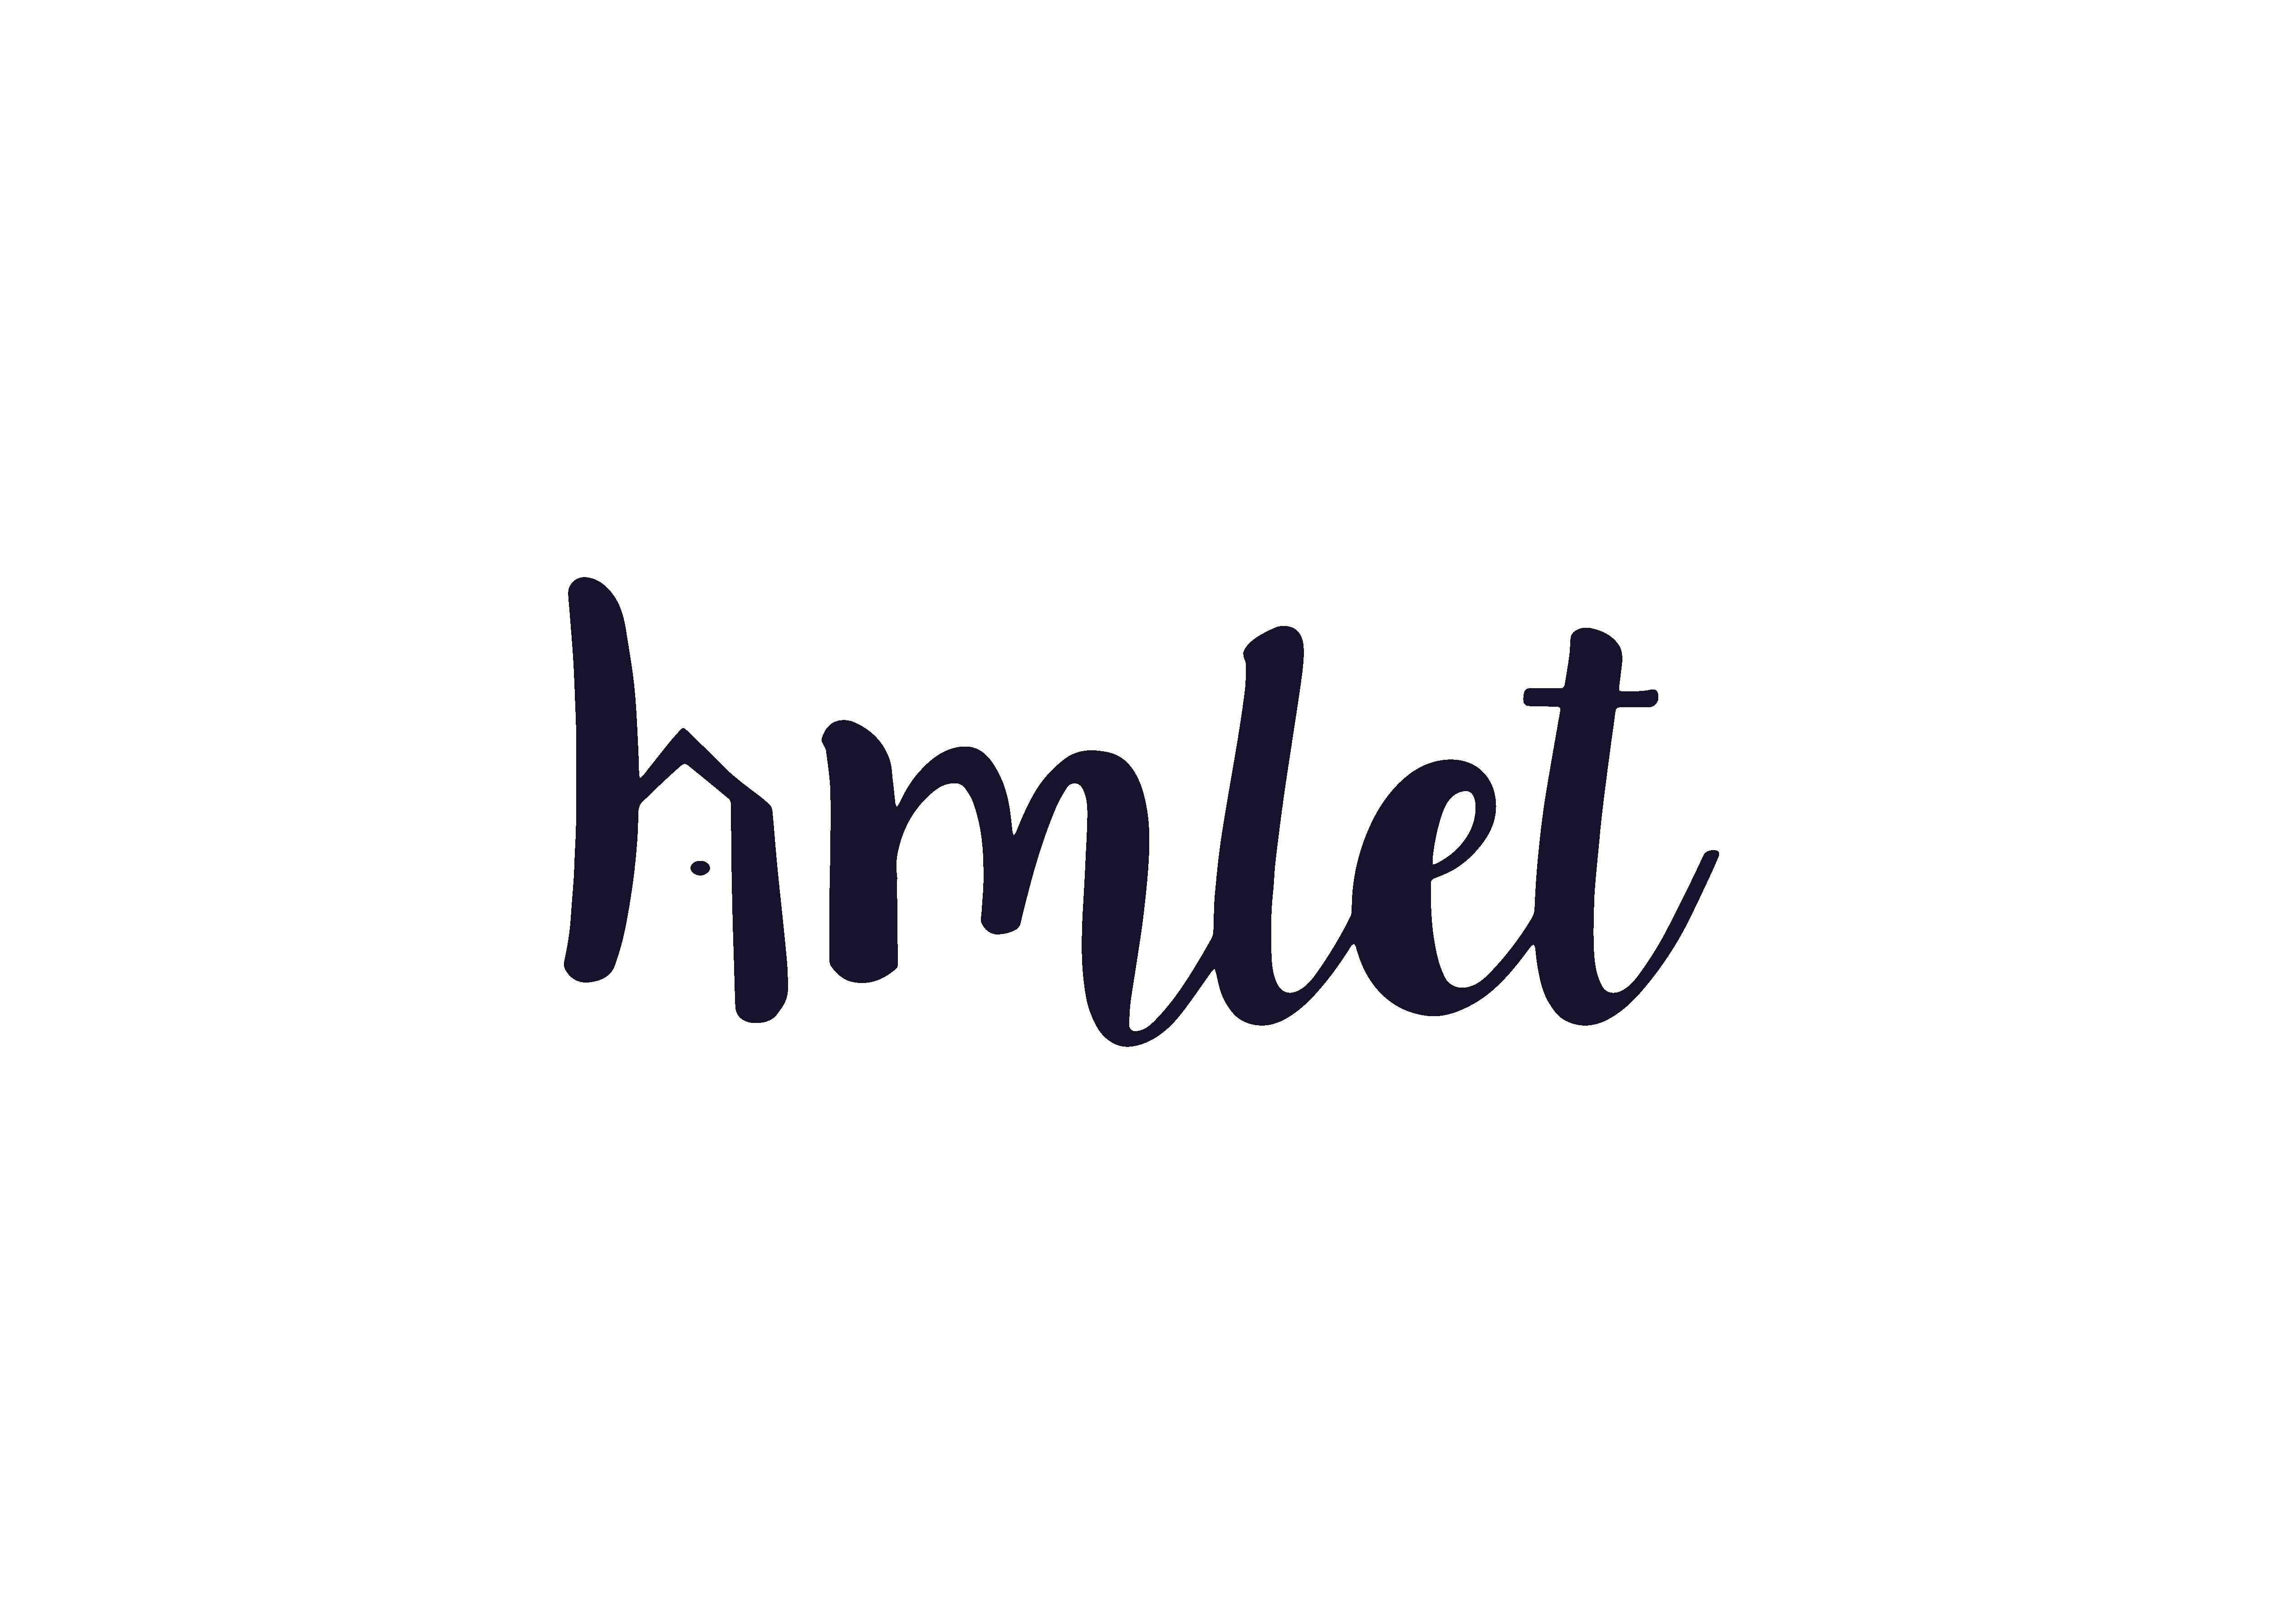 Hmlet